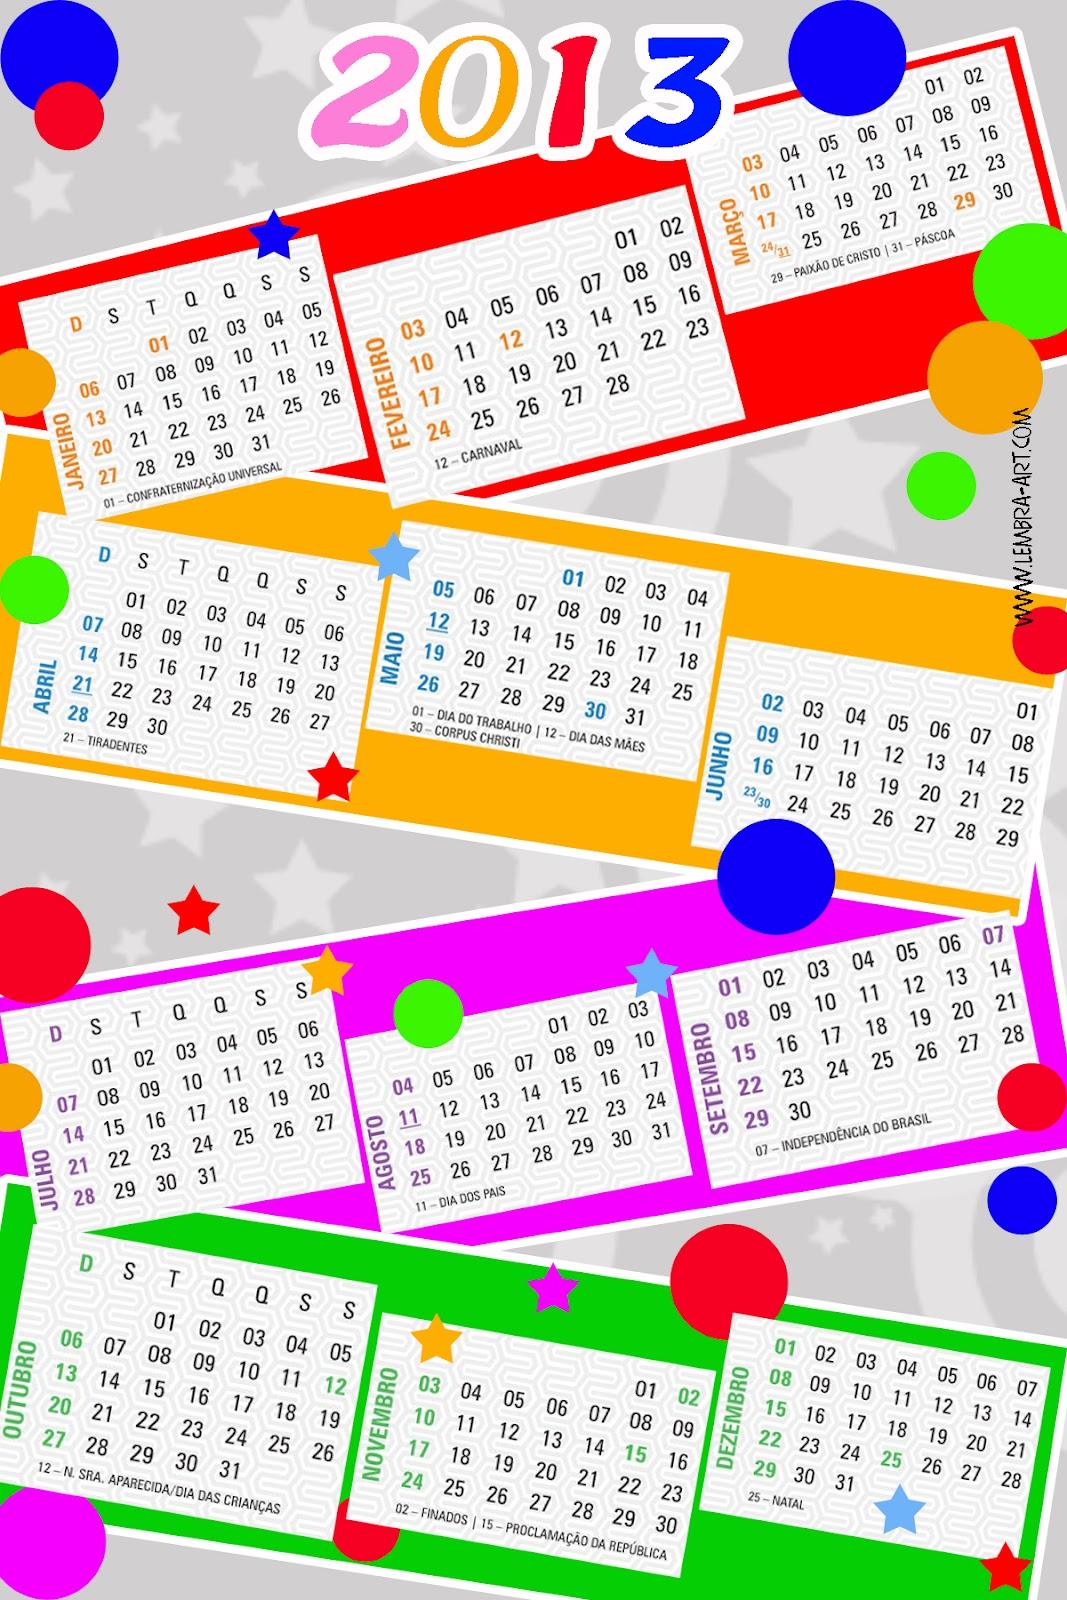 Calendario 2015 Pdf Para Imprimir Espaol | New Calendar Template Site